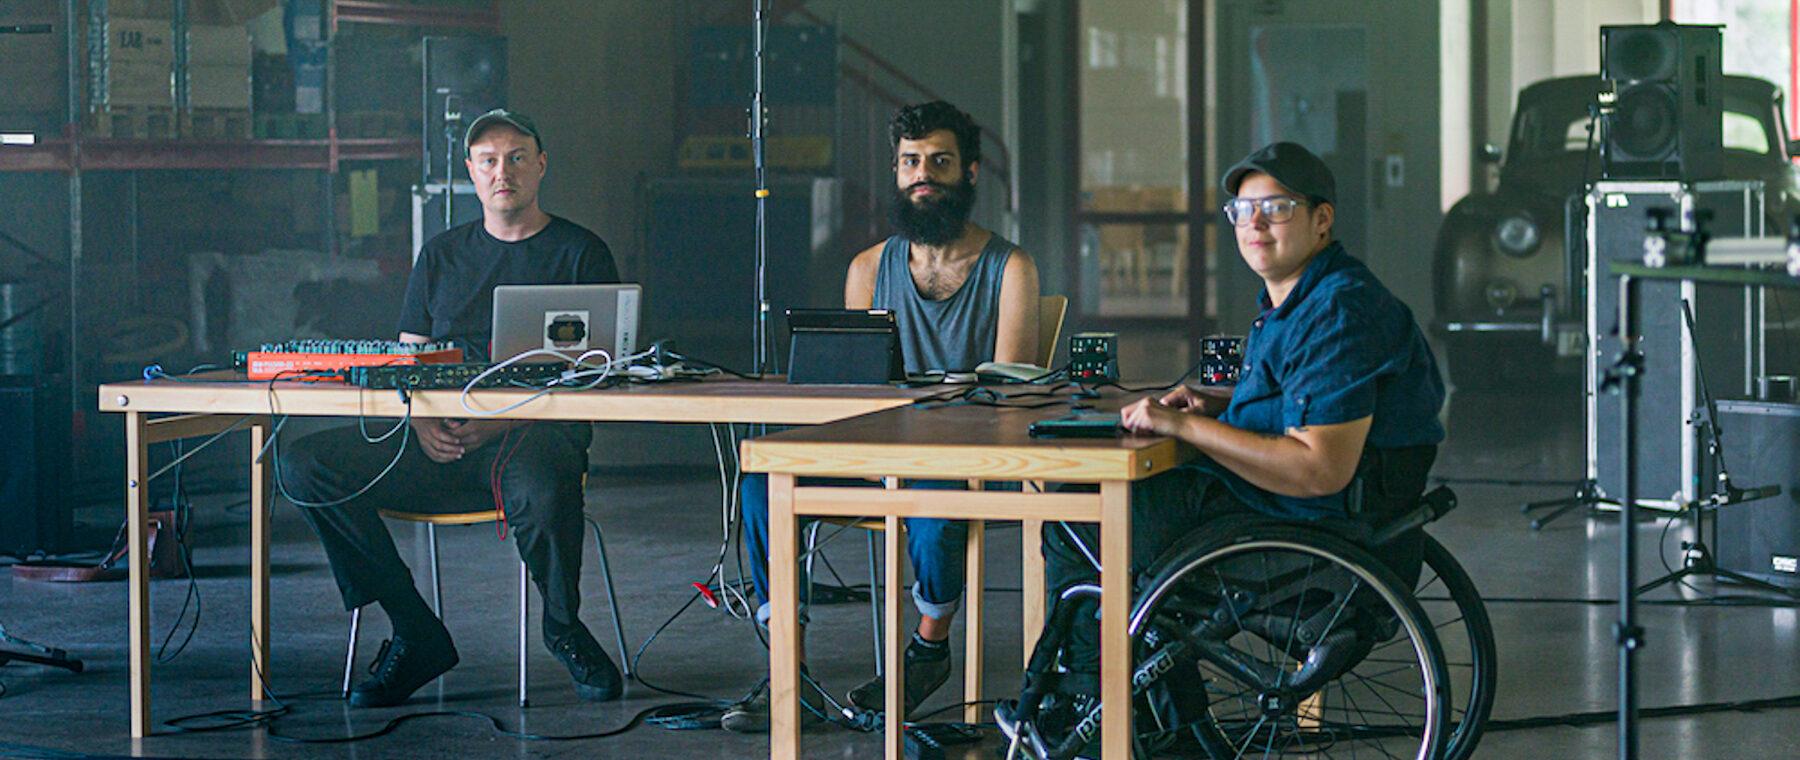 Den inkluderande musikensemblen Elefantöra under en filminspelning 2020 inför Region Jönköpings läns Kulturfesten, en digital kulturfestival. Foto: Stephan Bozic